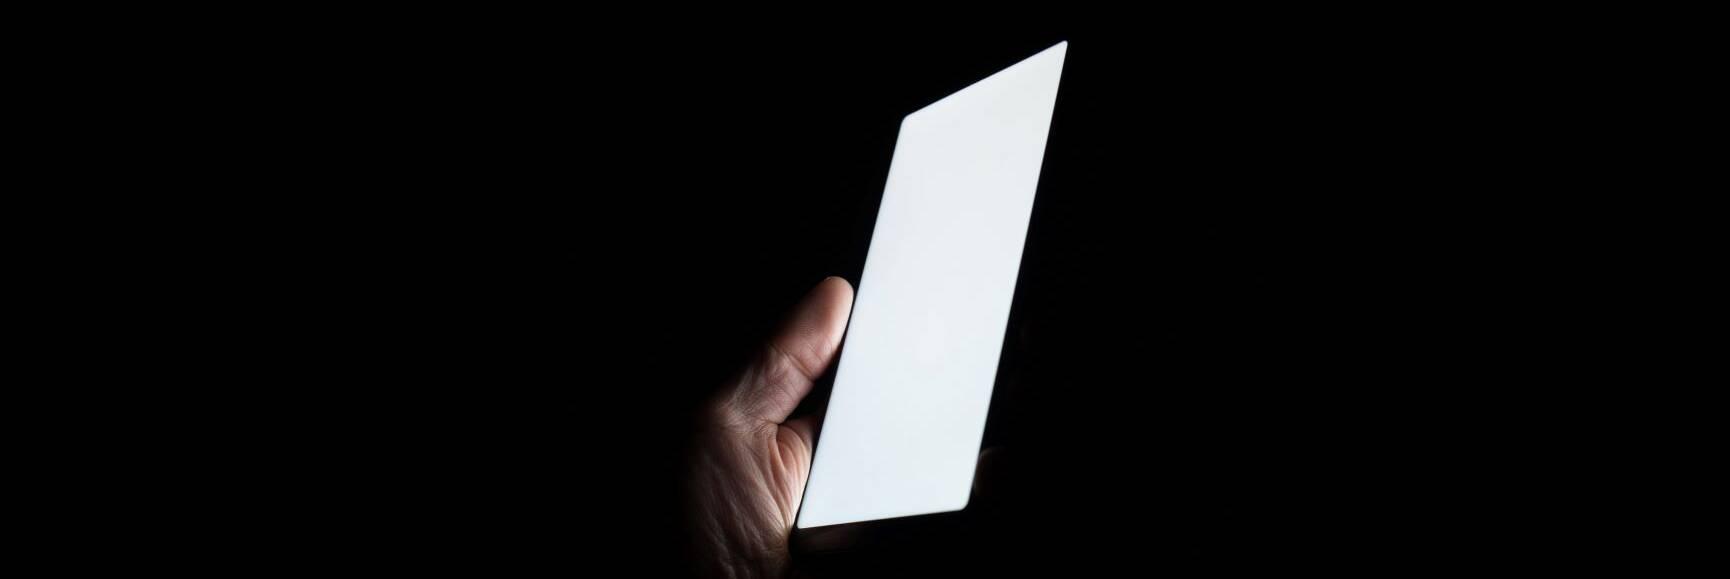 tablet in the dark